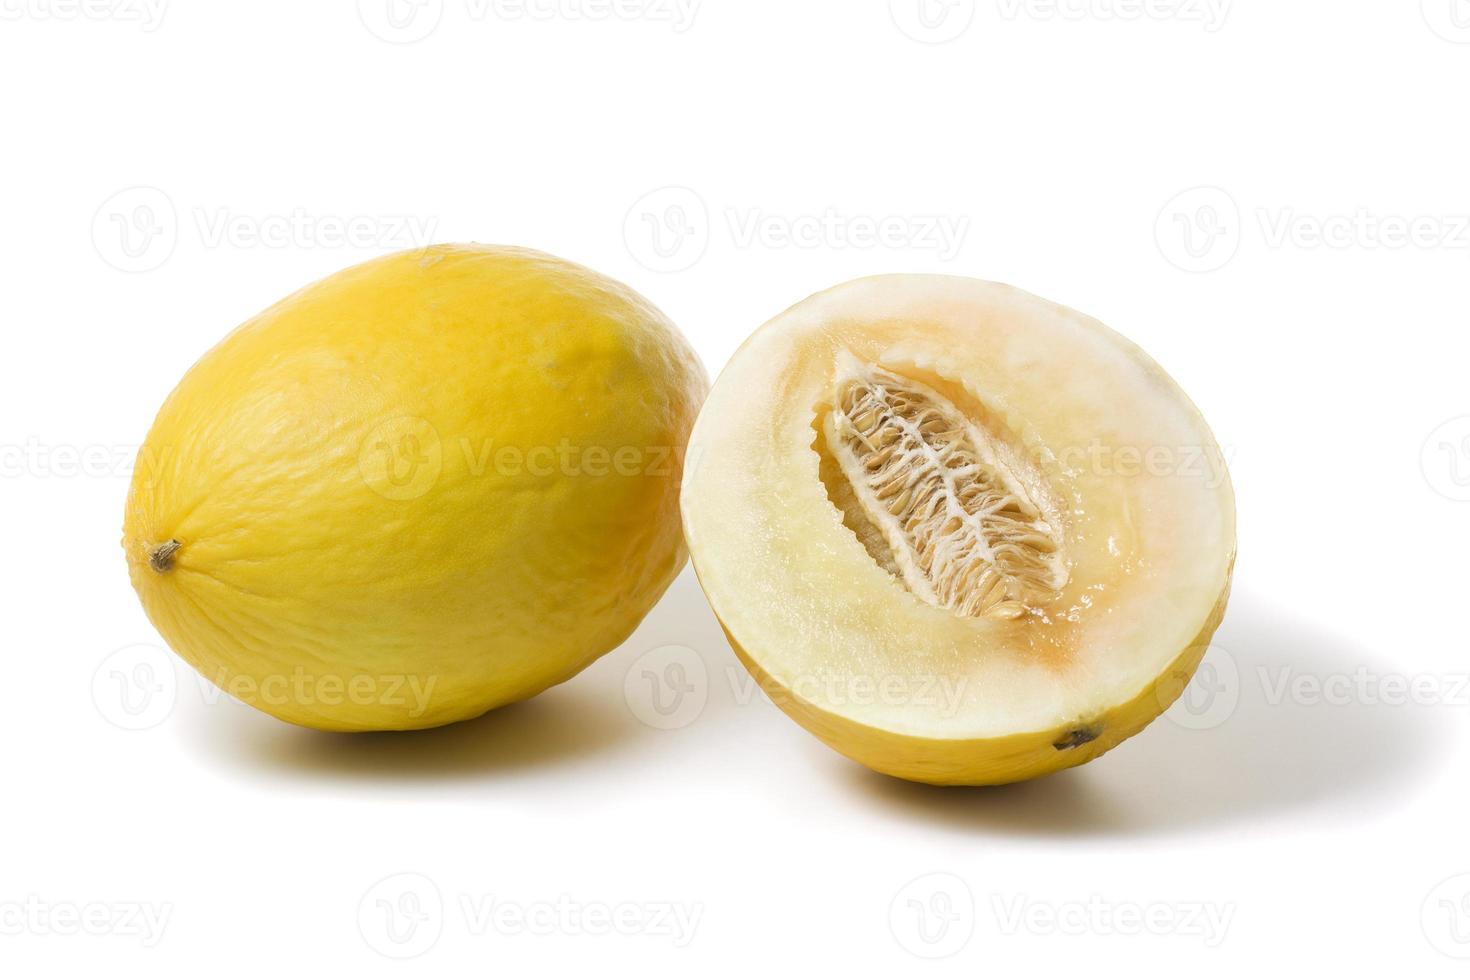 melon miellat entier et demi photo